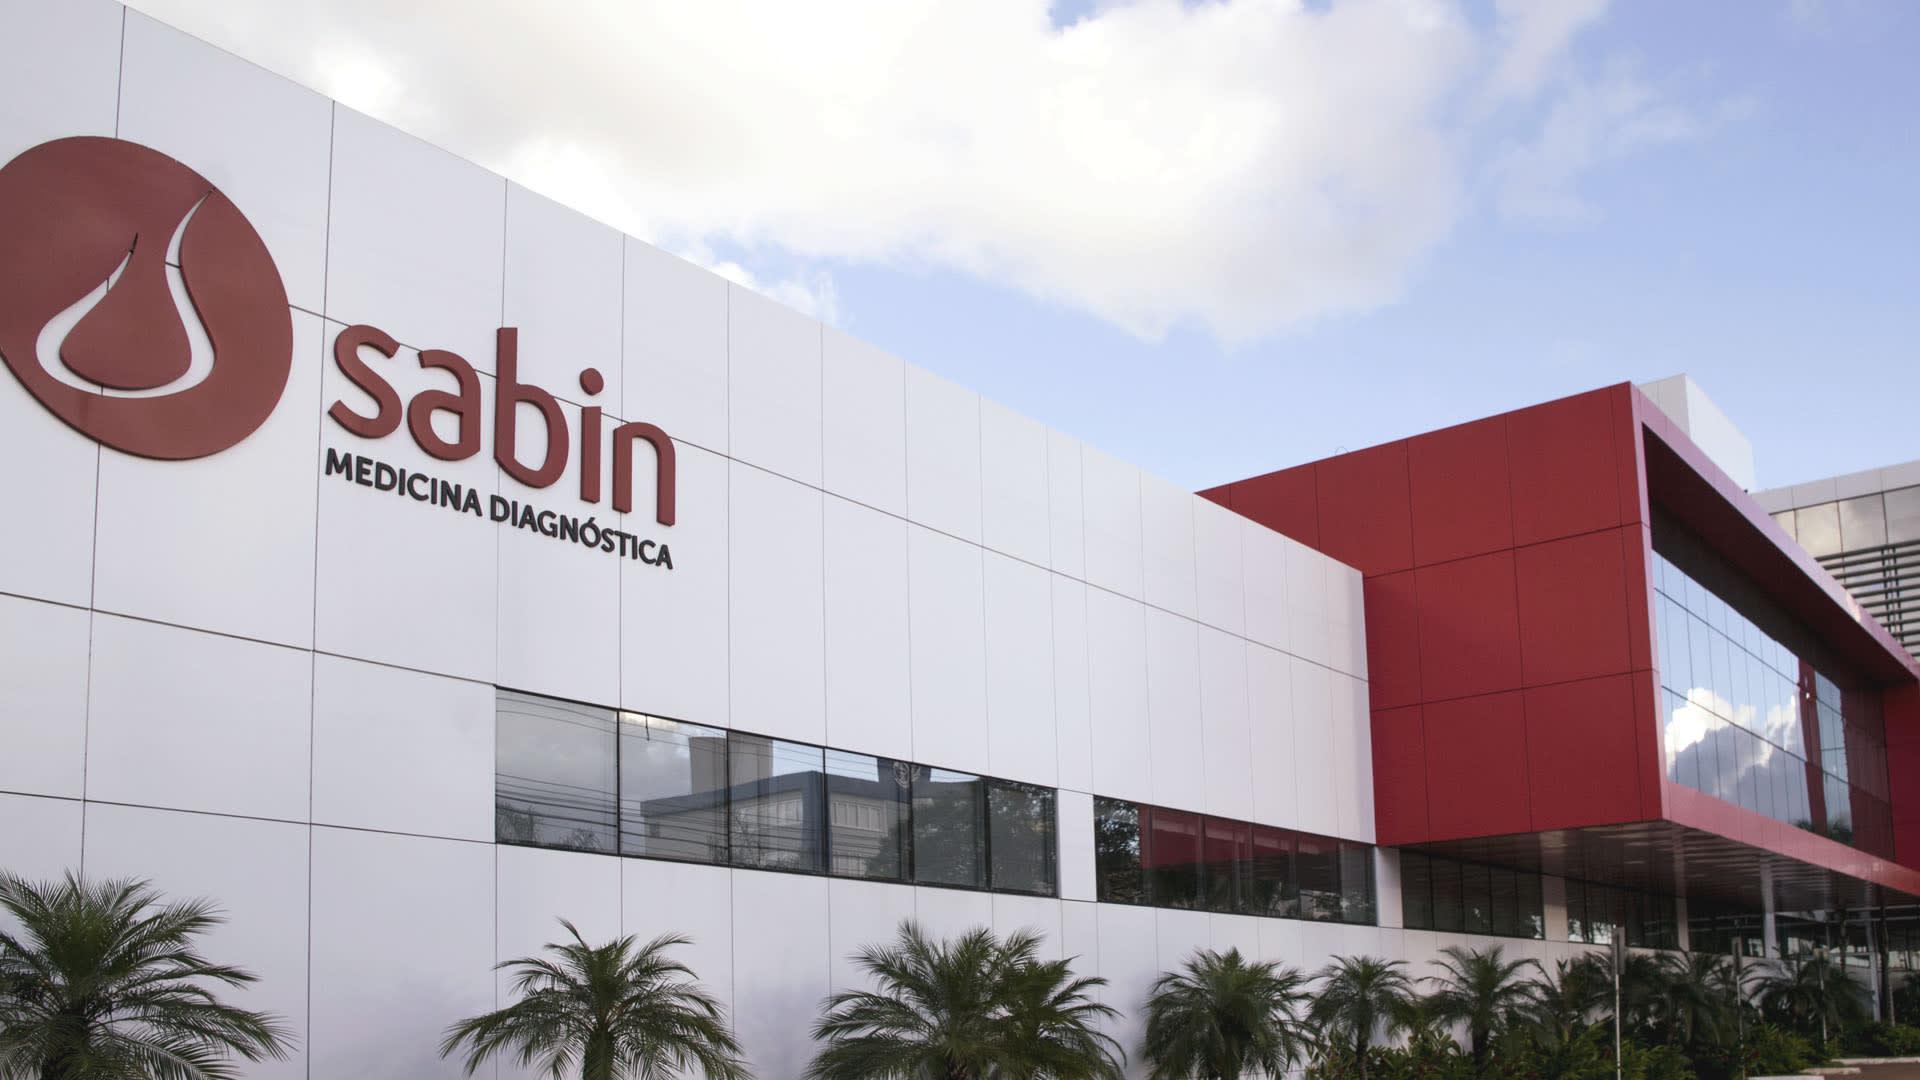 Na imagem, fachada do Laboratório Sabin, rede com mais de 225 unidades e faturamento de mais de R$ 800 milhões